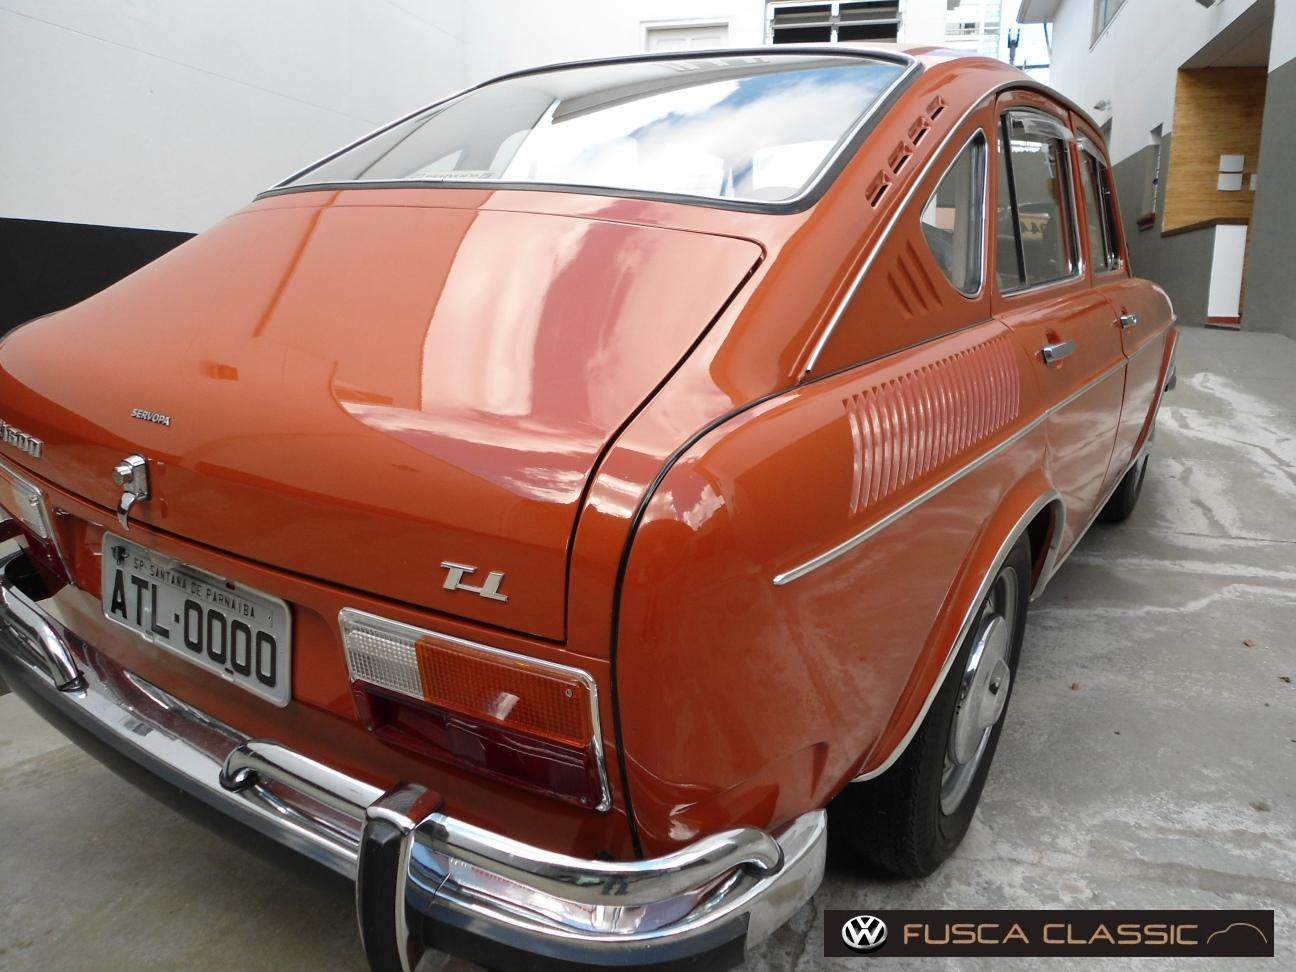 TL 4 Portas 1600 1973 Motor Tudo (2)